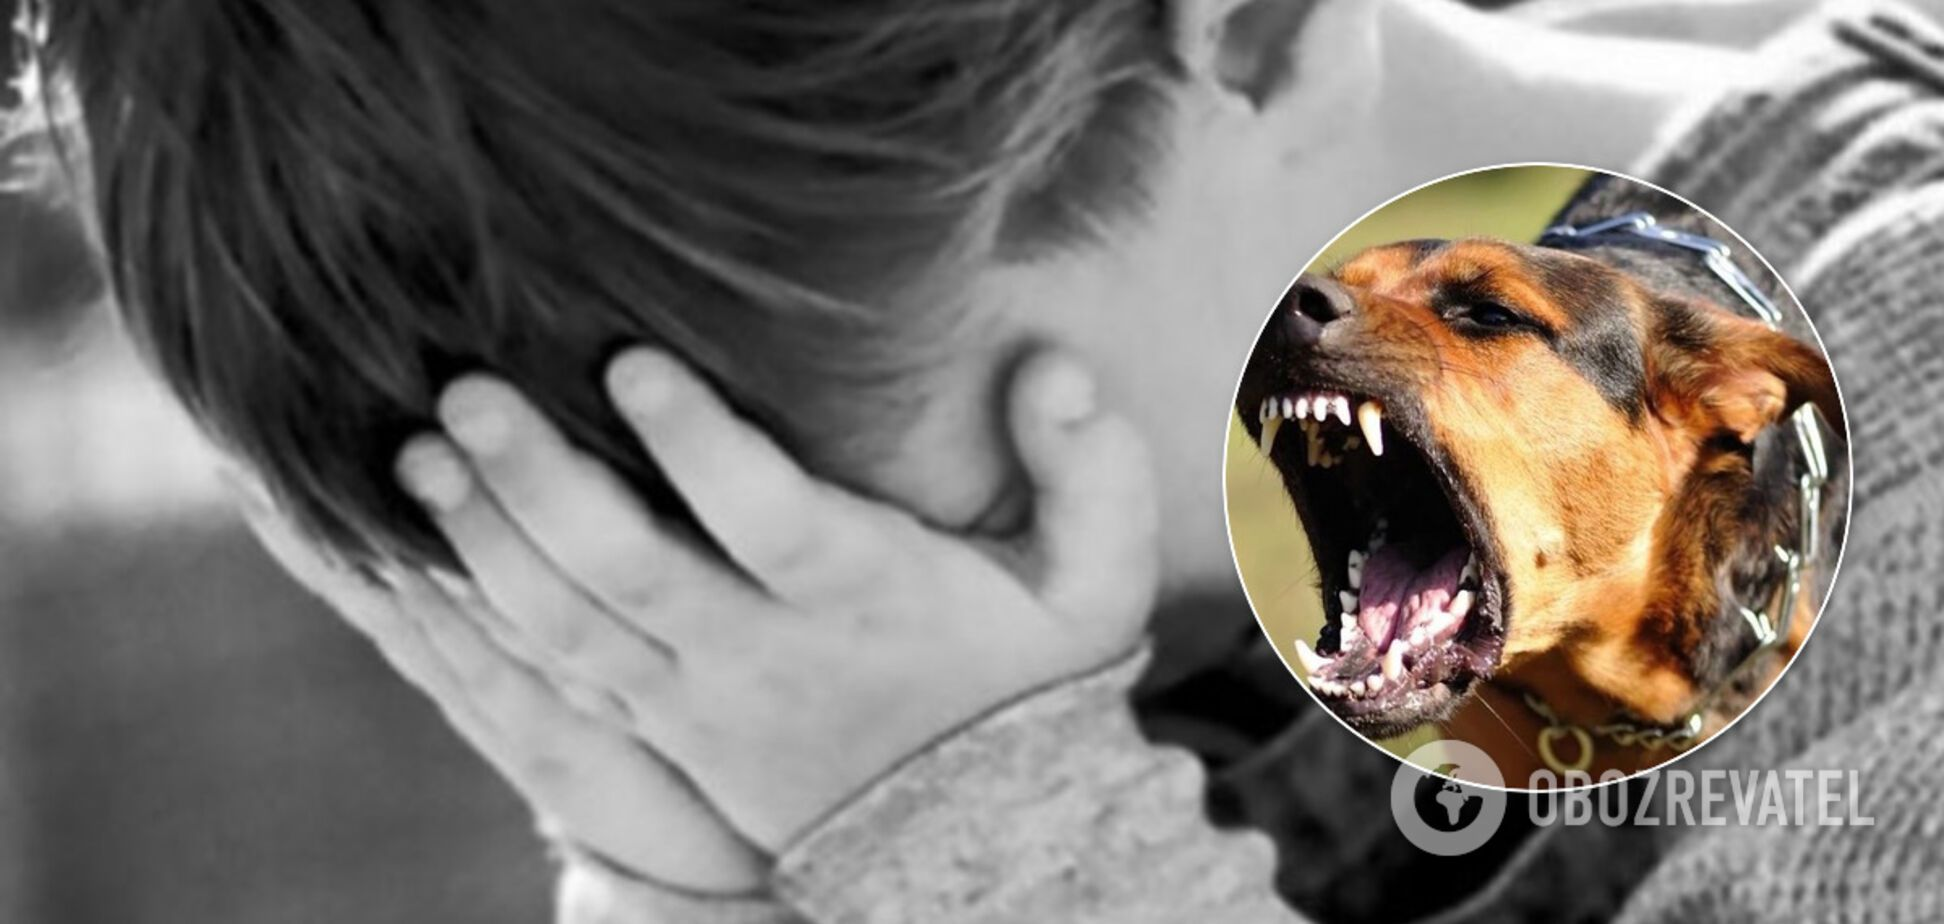 У Дніпрі собака напав на дитину біля школи: у мережі обурені